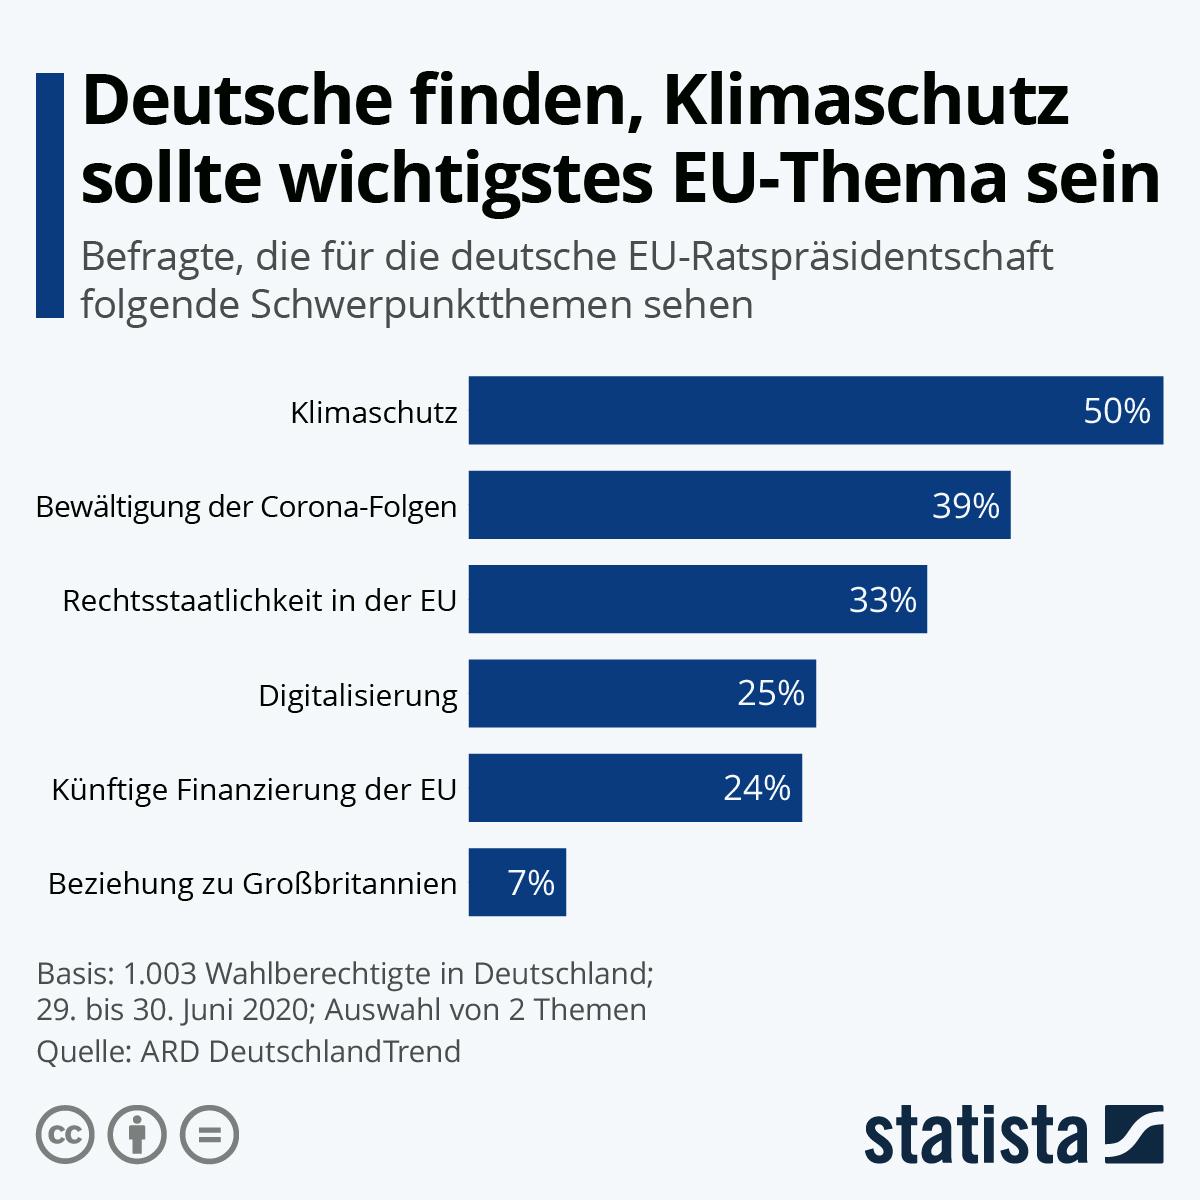 Infografik: Deutsche finden, Klimaschutz sollte wichtigstes EU-Thema sein | Statista